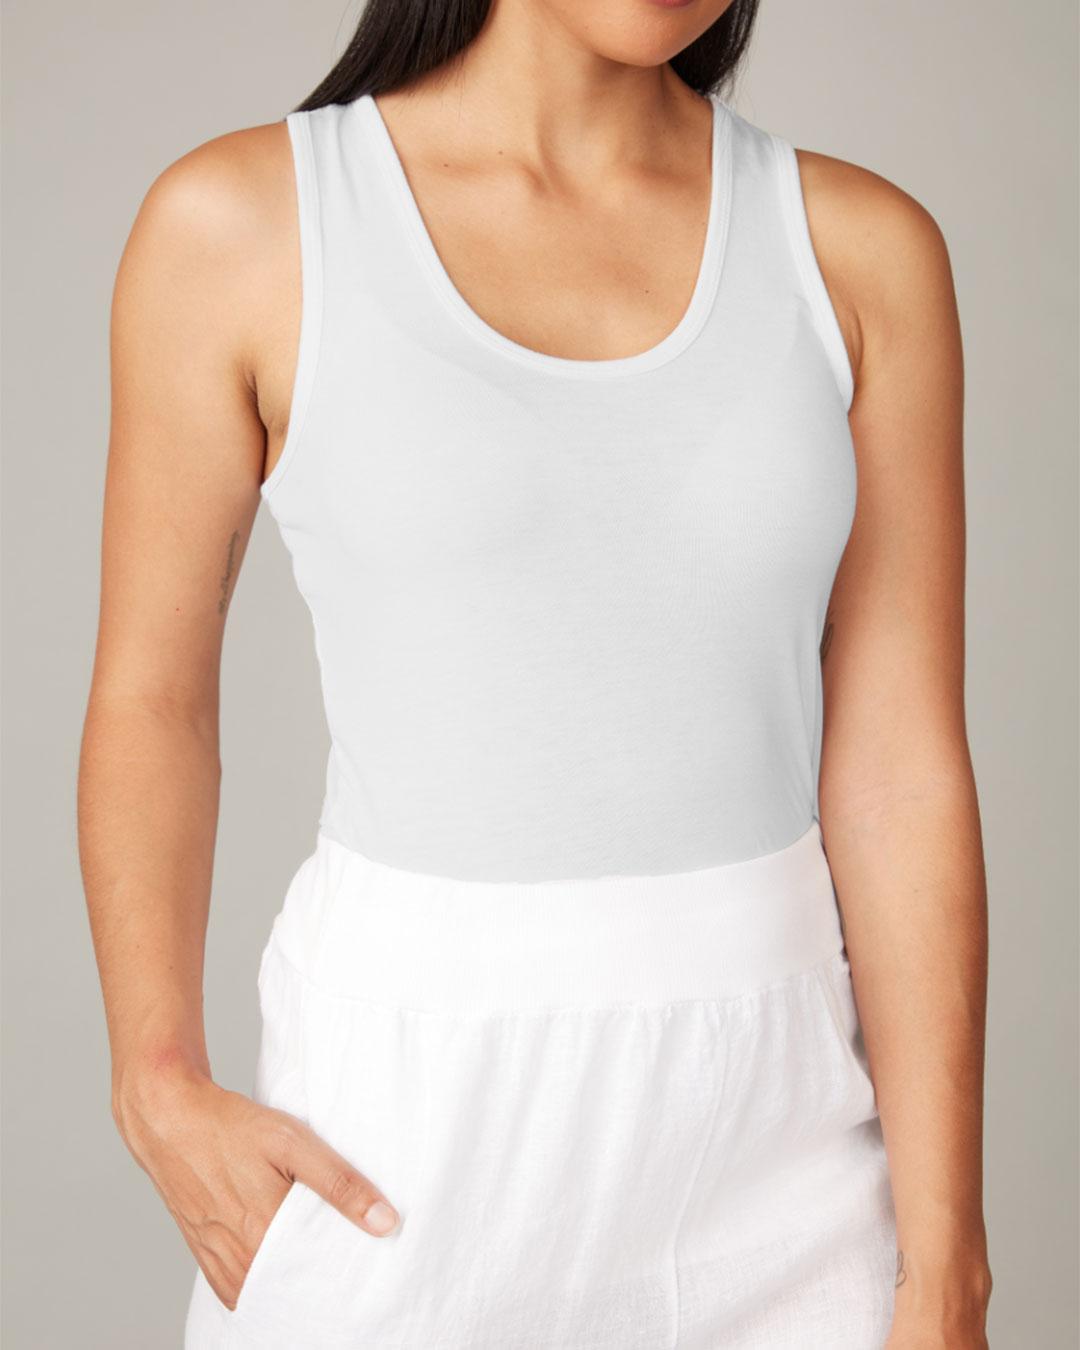 pistache-clothing-second-skin-tank-pebble-dianes-lingerie-vancouver-1080x1080